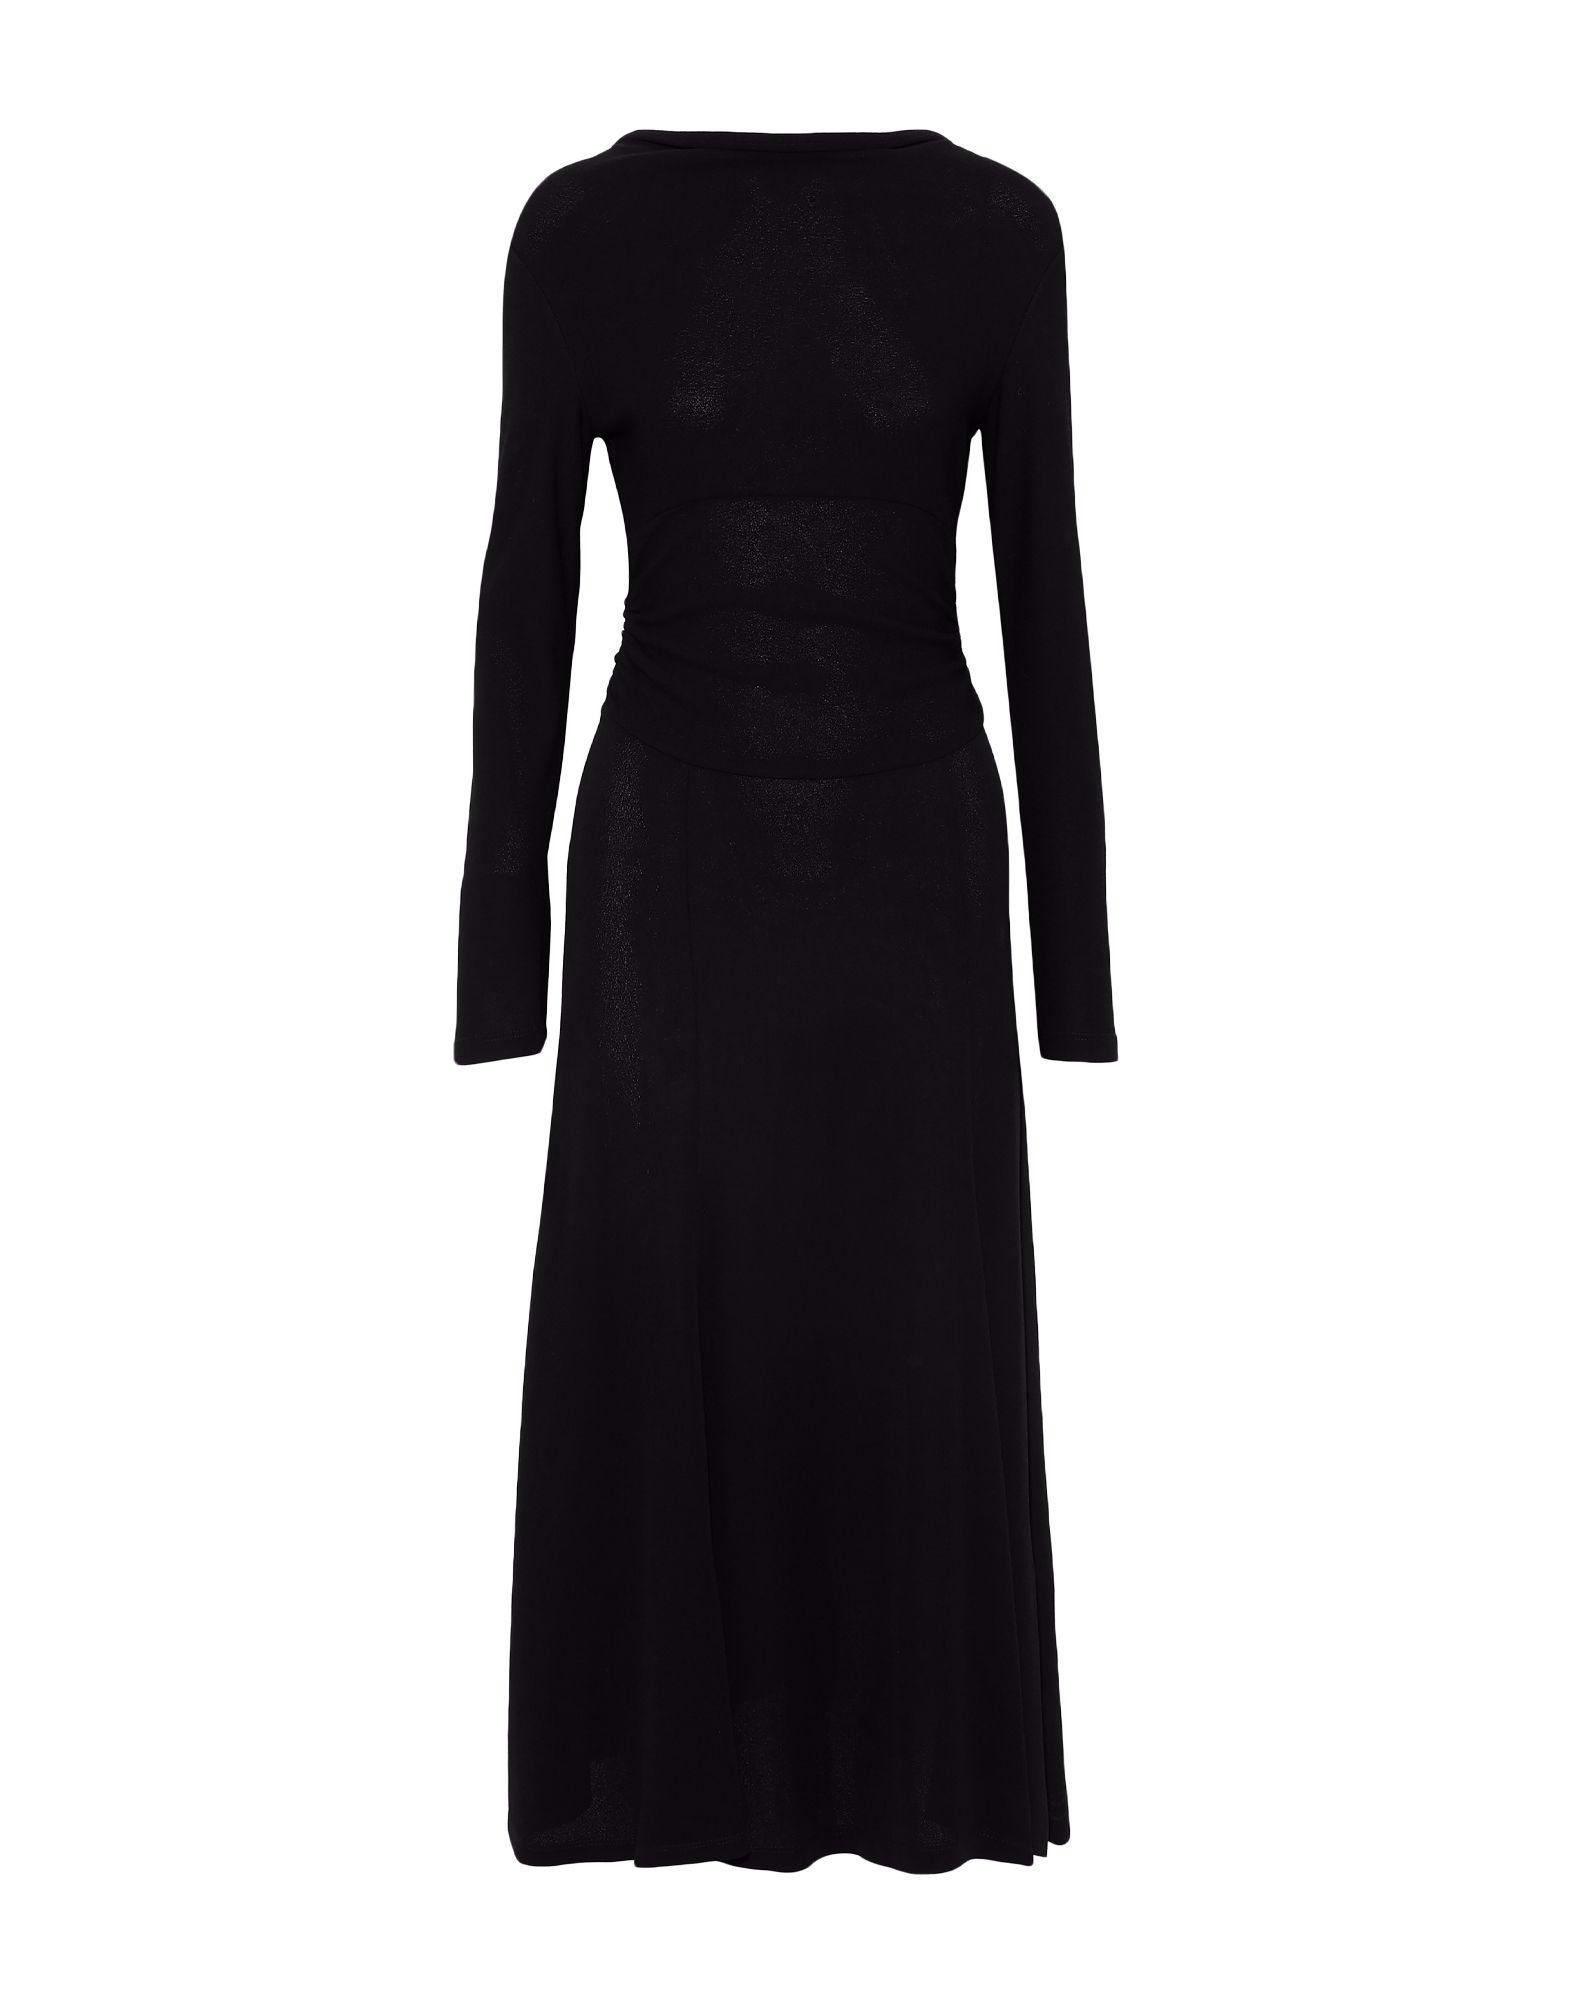 купить DEREK LAM Платье длиной 3/4 по цене 64000 рублей